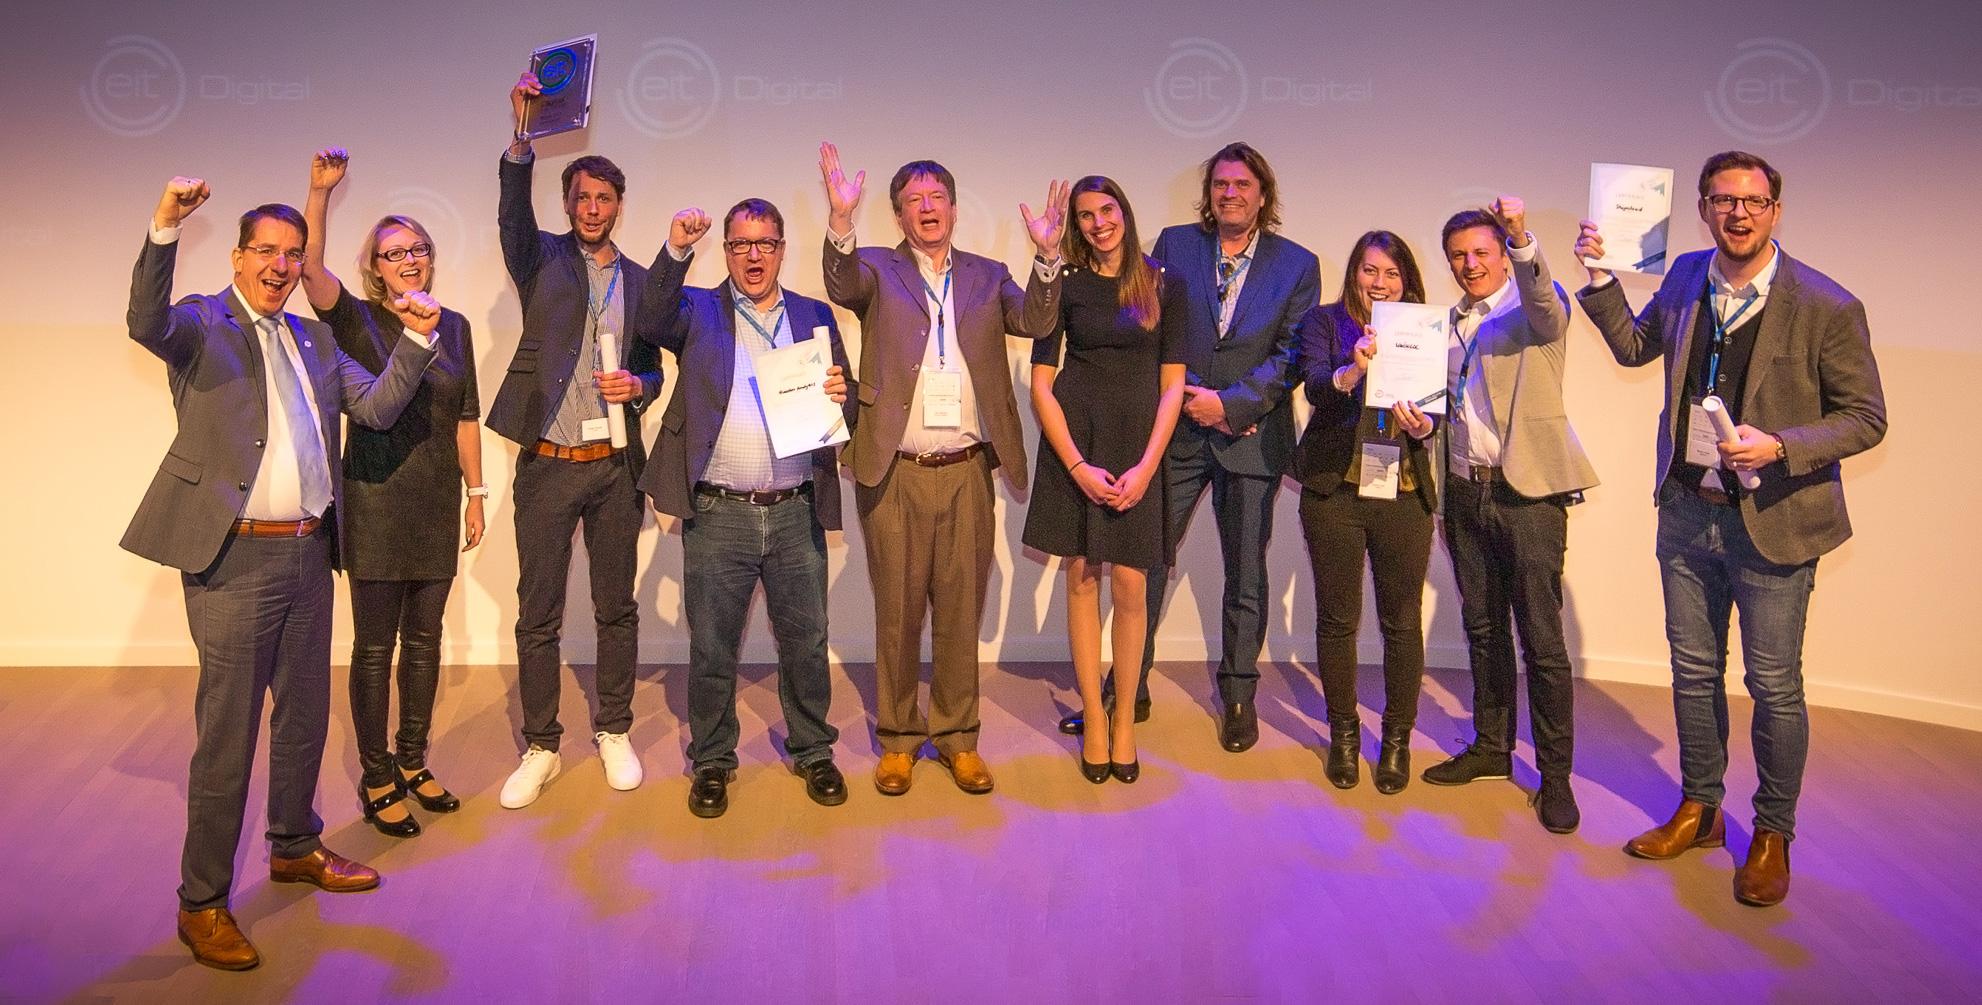 Finalisten EIT Digital Challenge 'Digital Industry': ContactEngine, Houston Analytics, Shipcloud, Trinckle 3D, Uwinloc